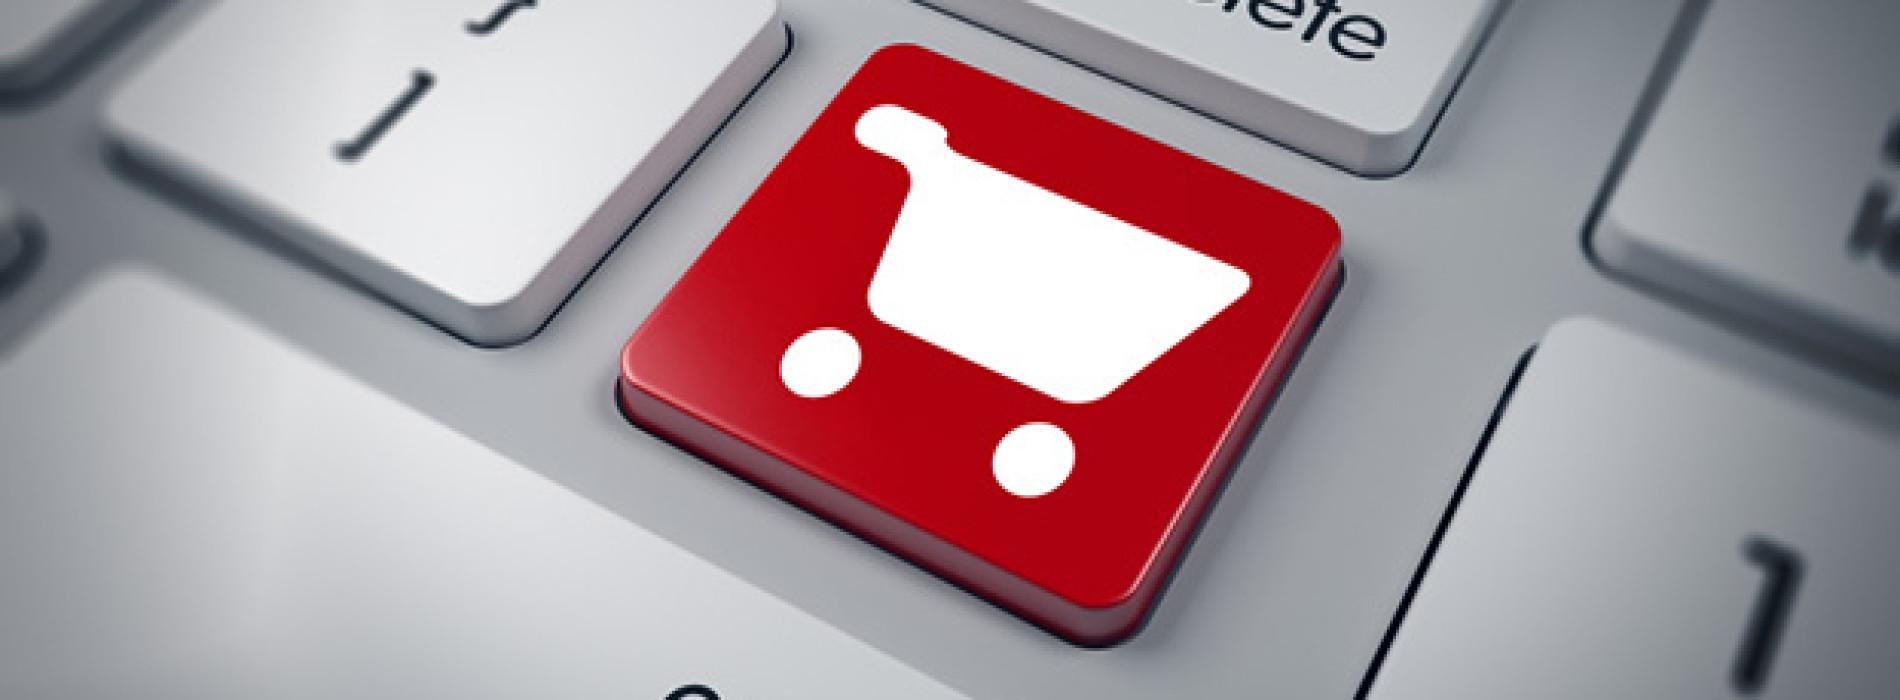 Dlaczego sklep internetowy kupuje kasę fiskalną?